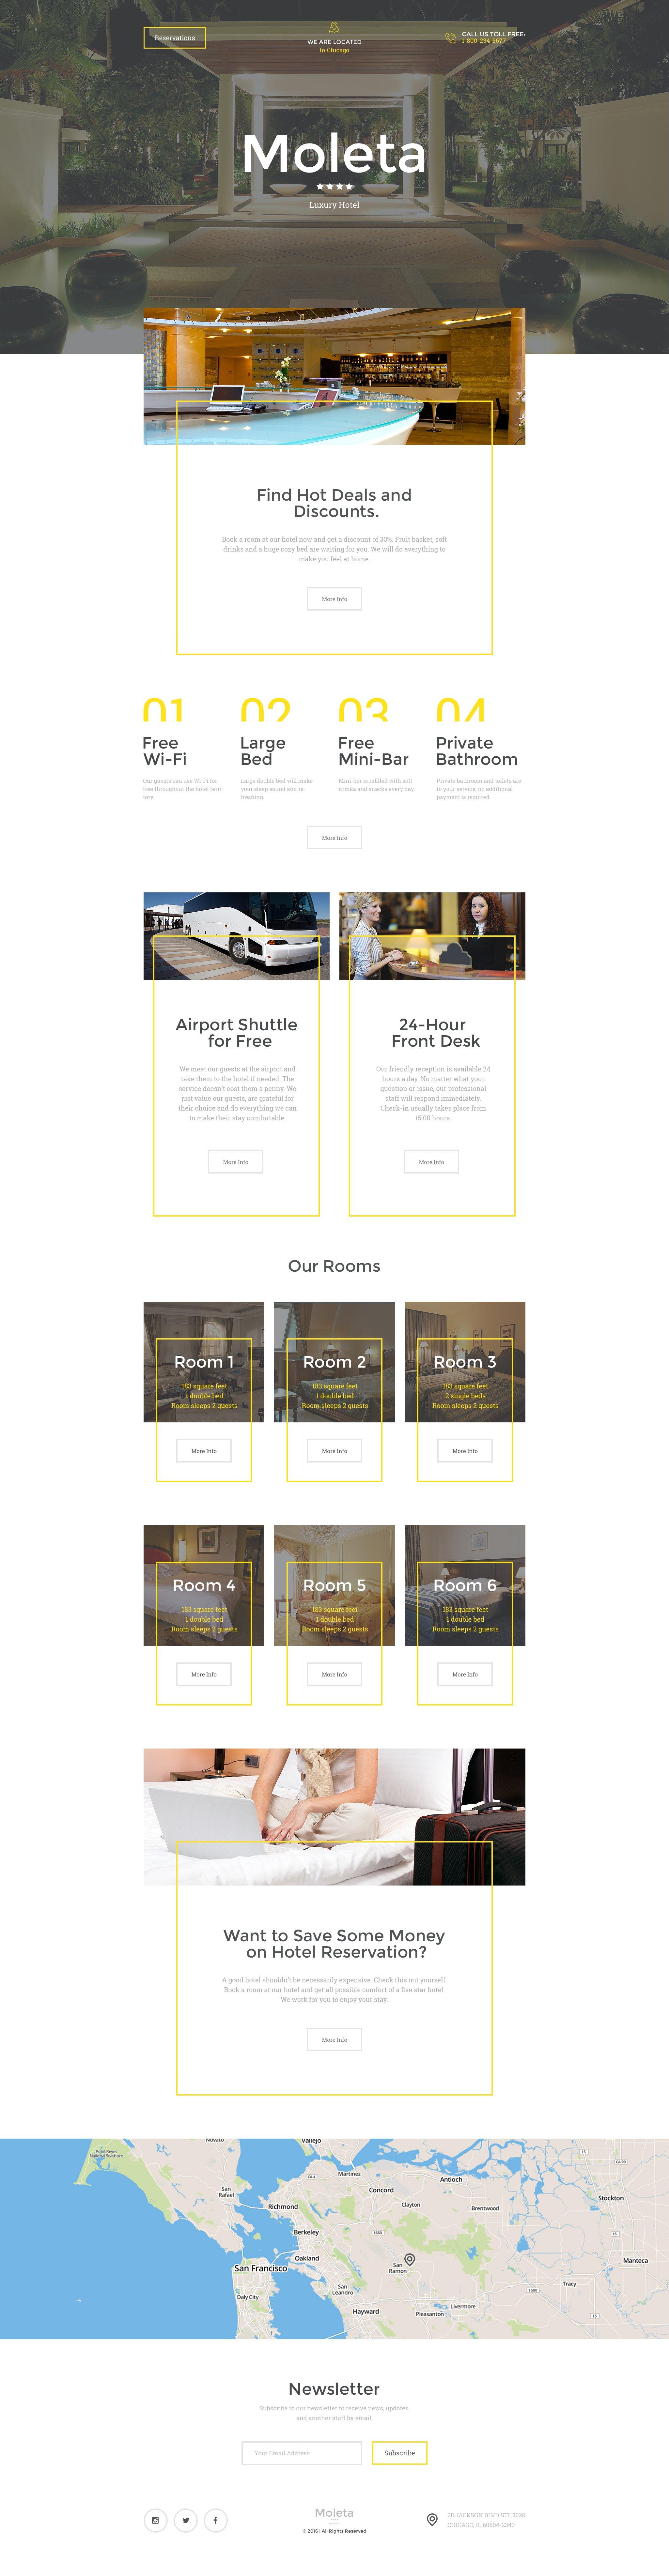 Templates de Landing Page Flexível para Sites de Hotéis №58247 - captura de tela